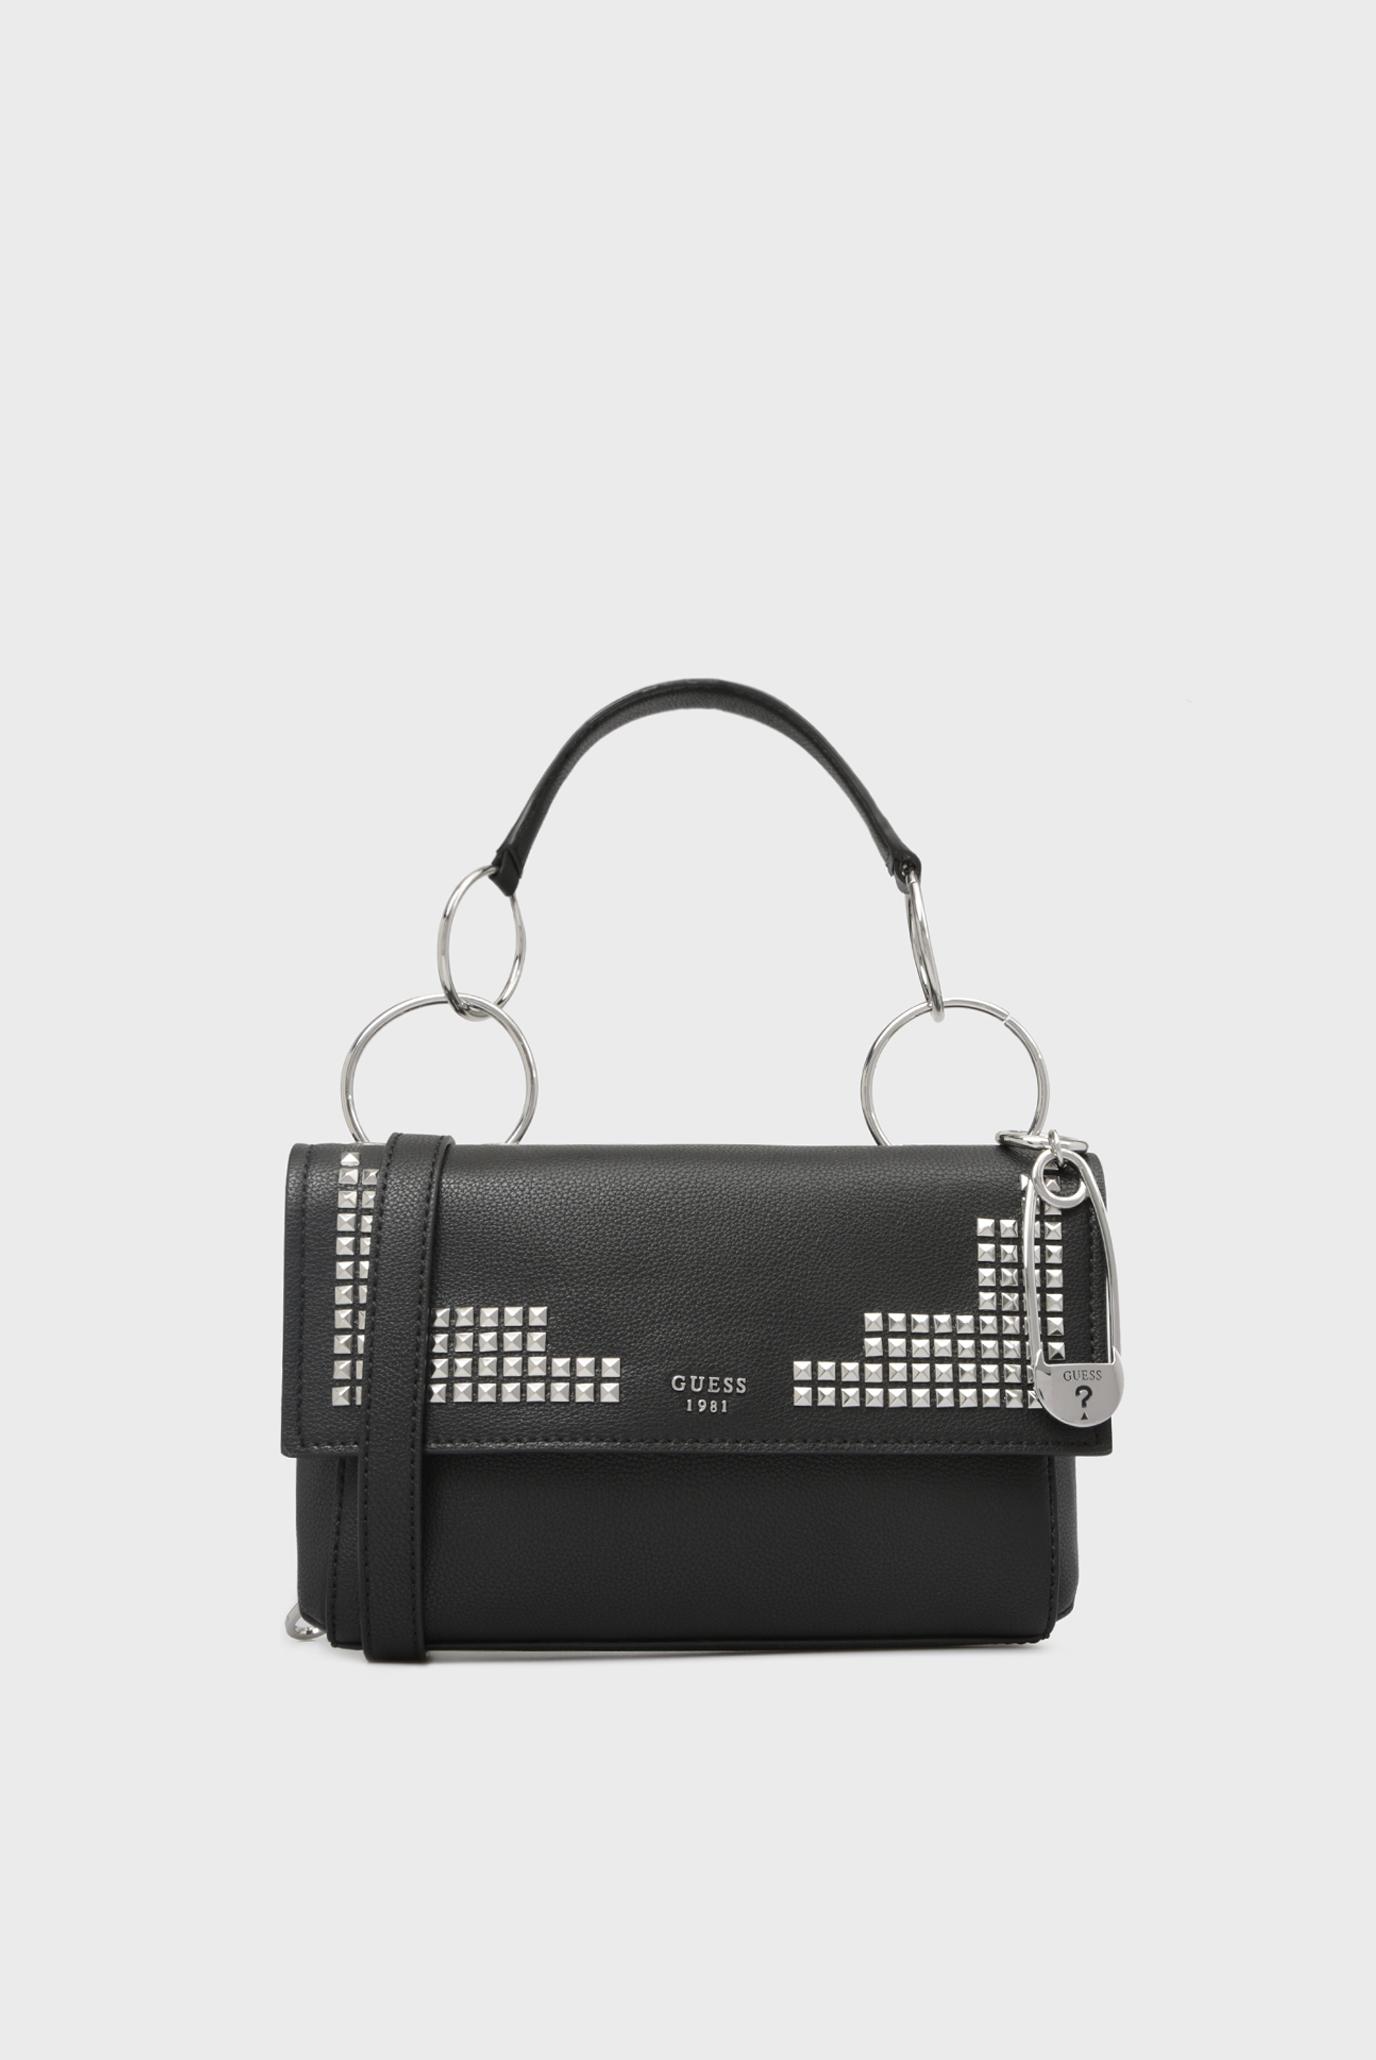 Купить Женская черная сумка на плечо Guess Guess HWVY7098210 – Киев ... e3464753664eb